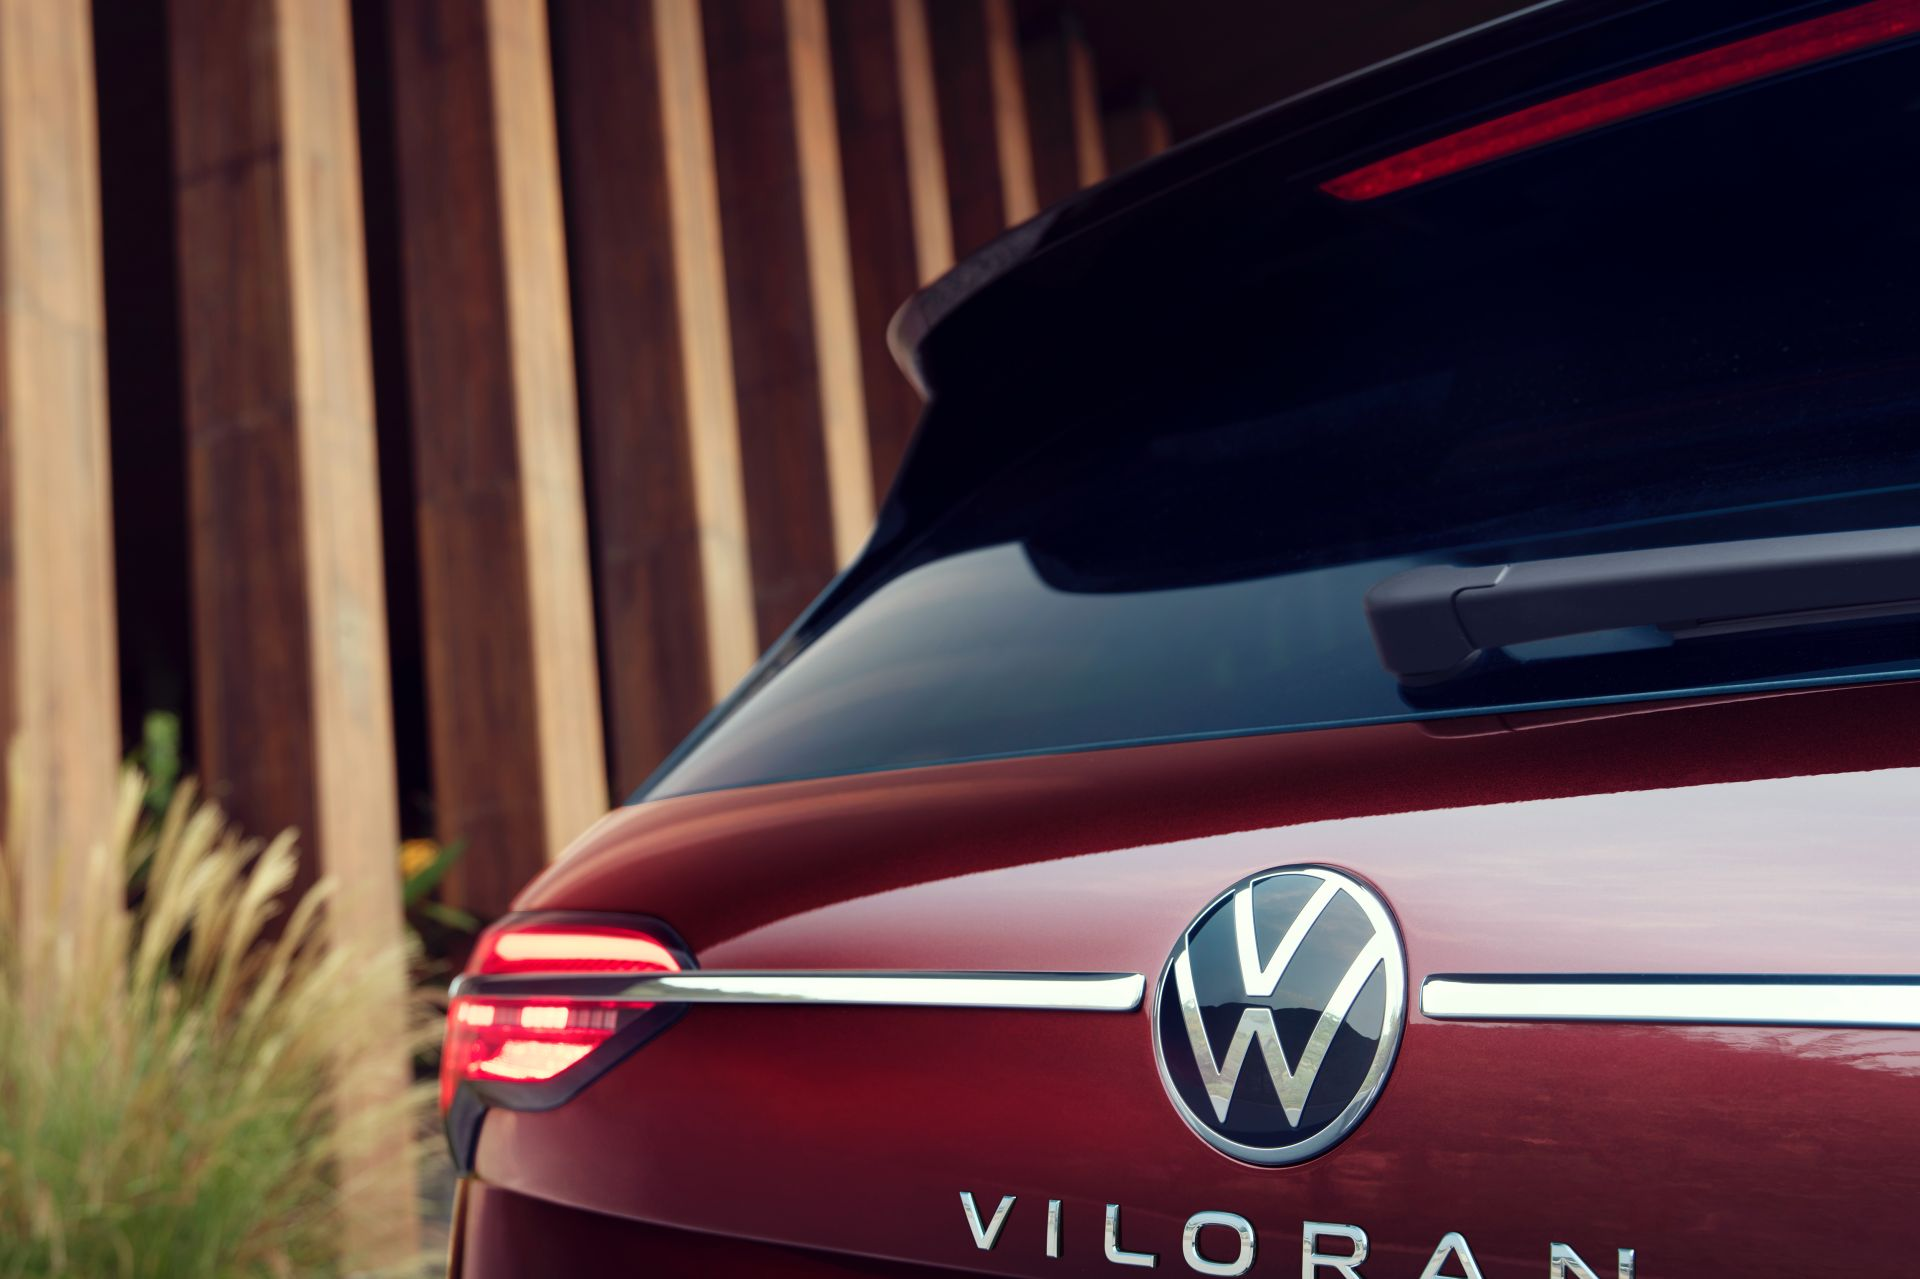 VW_Viloran_0021